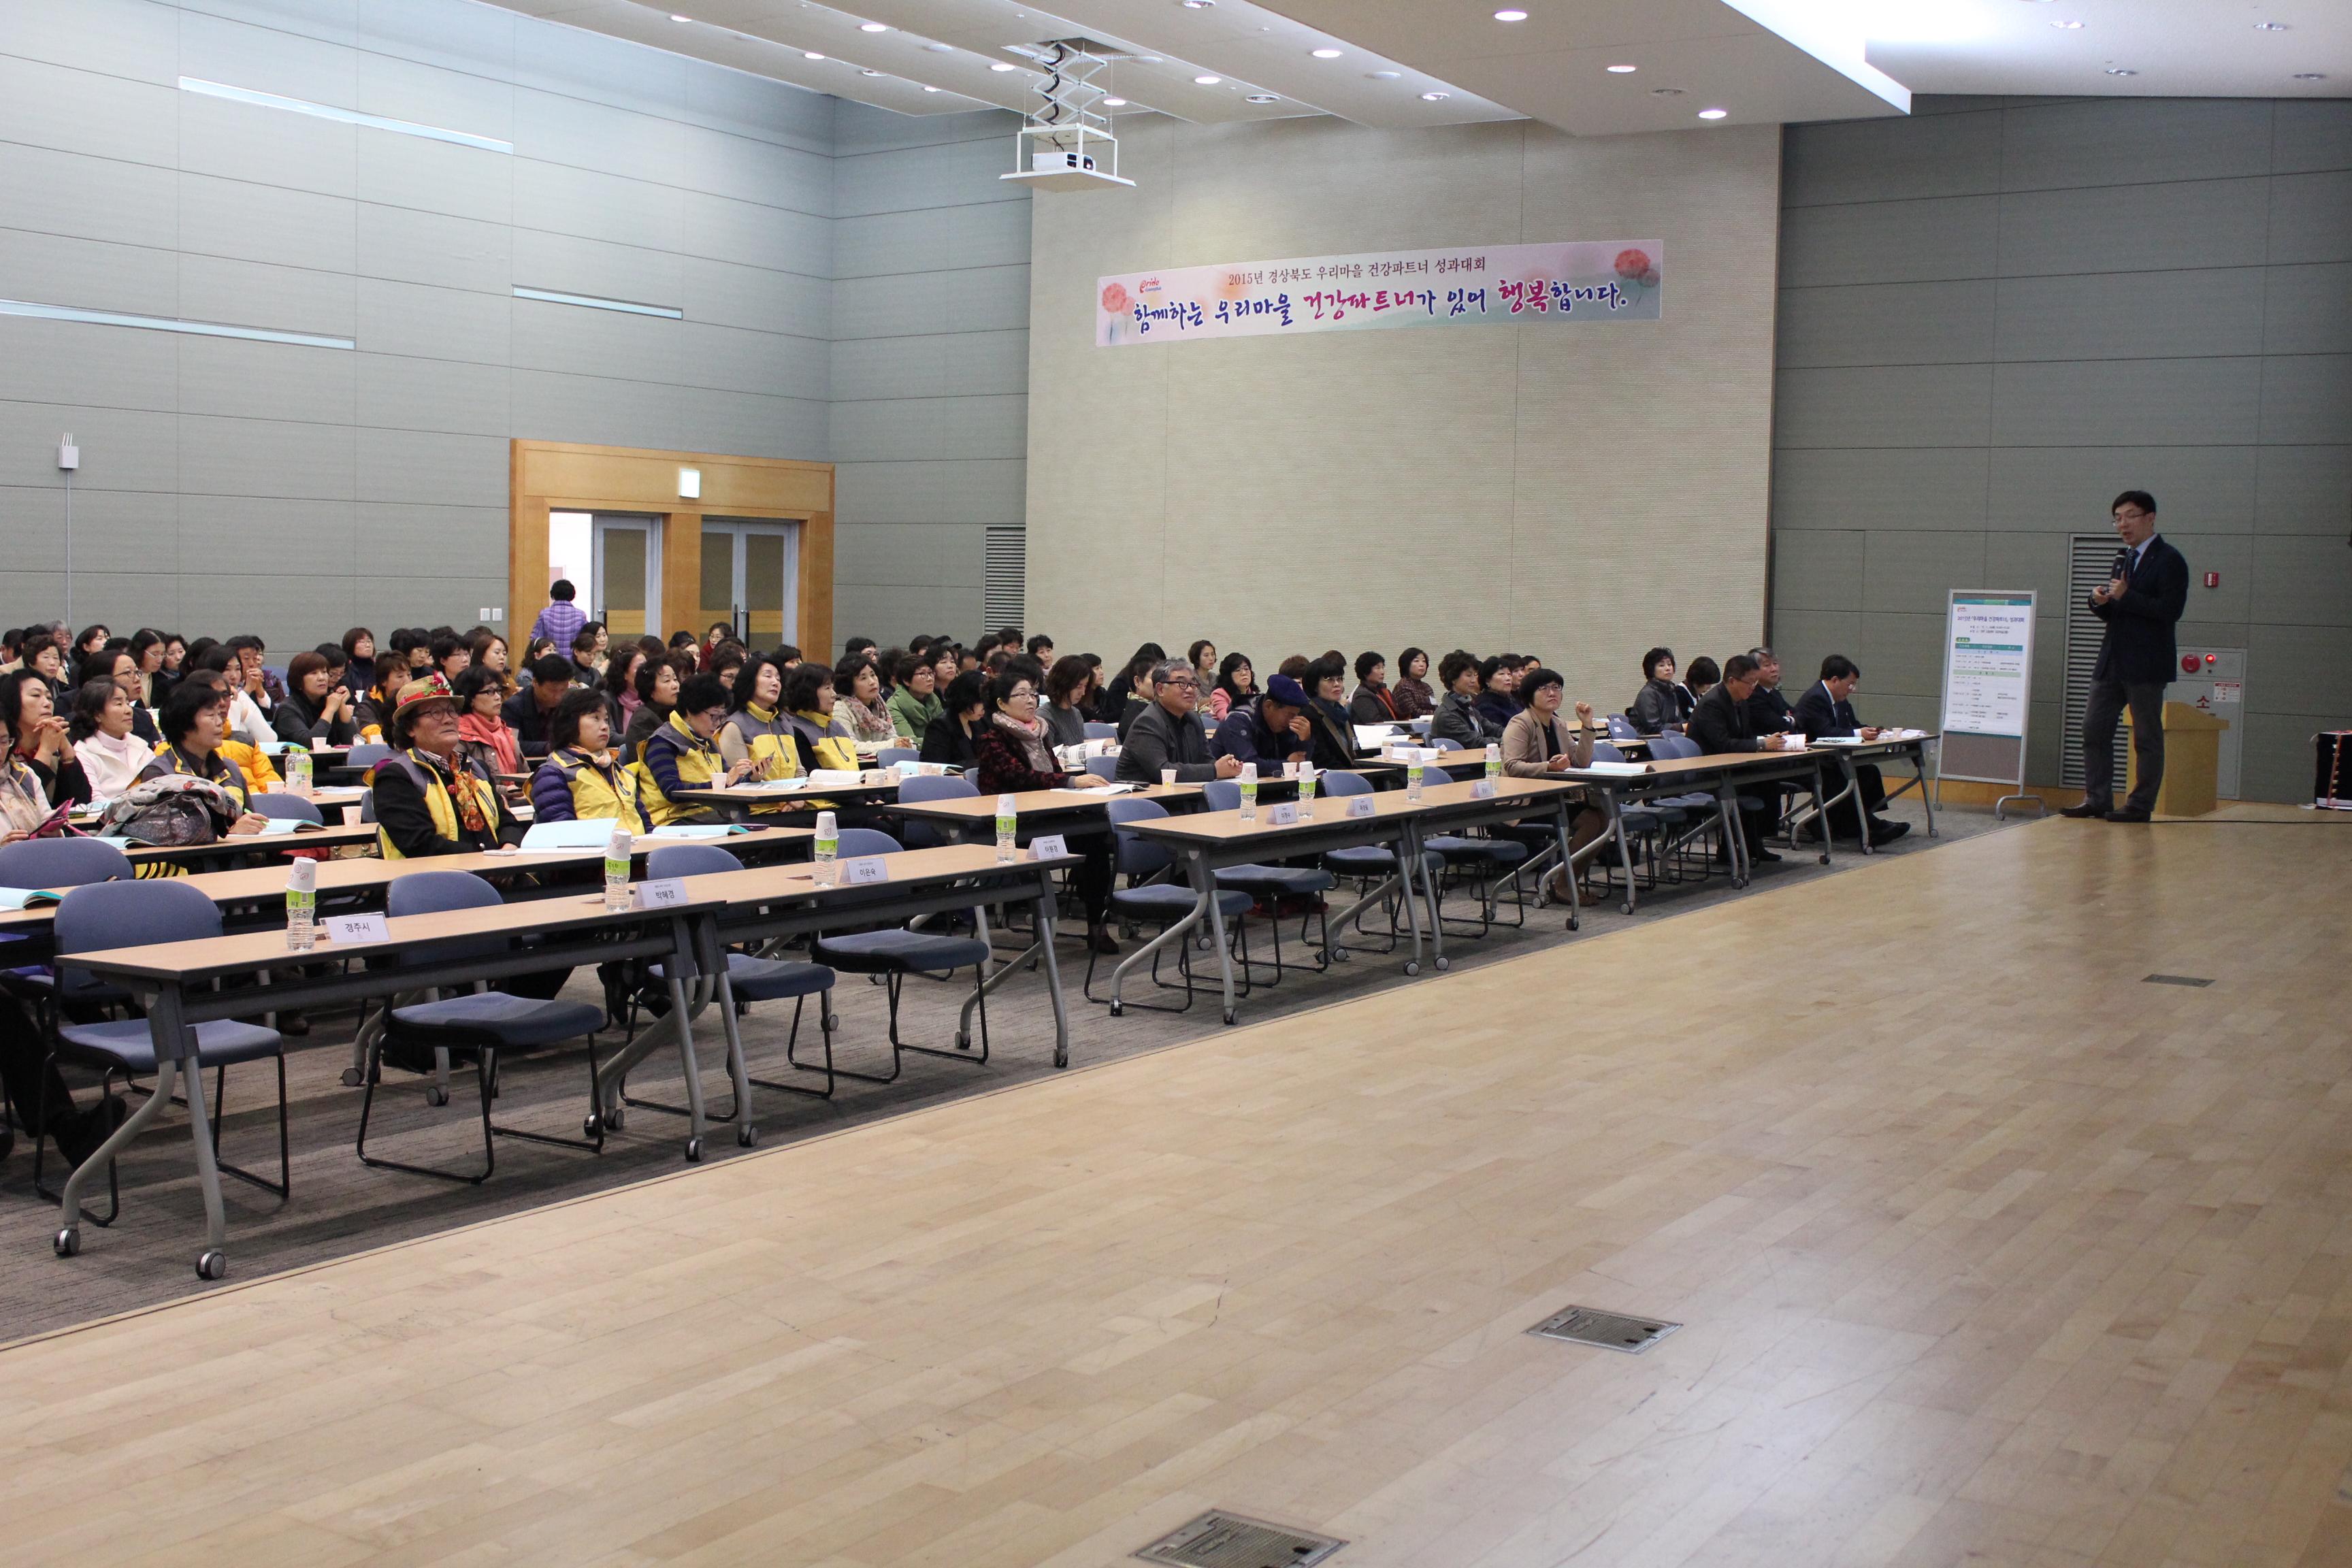 2015년 우리마을 건강파트너 성과대회(경주 드림센터) Ⅰ